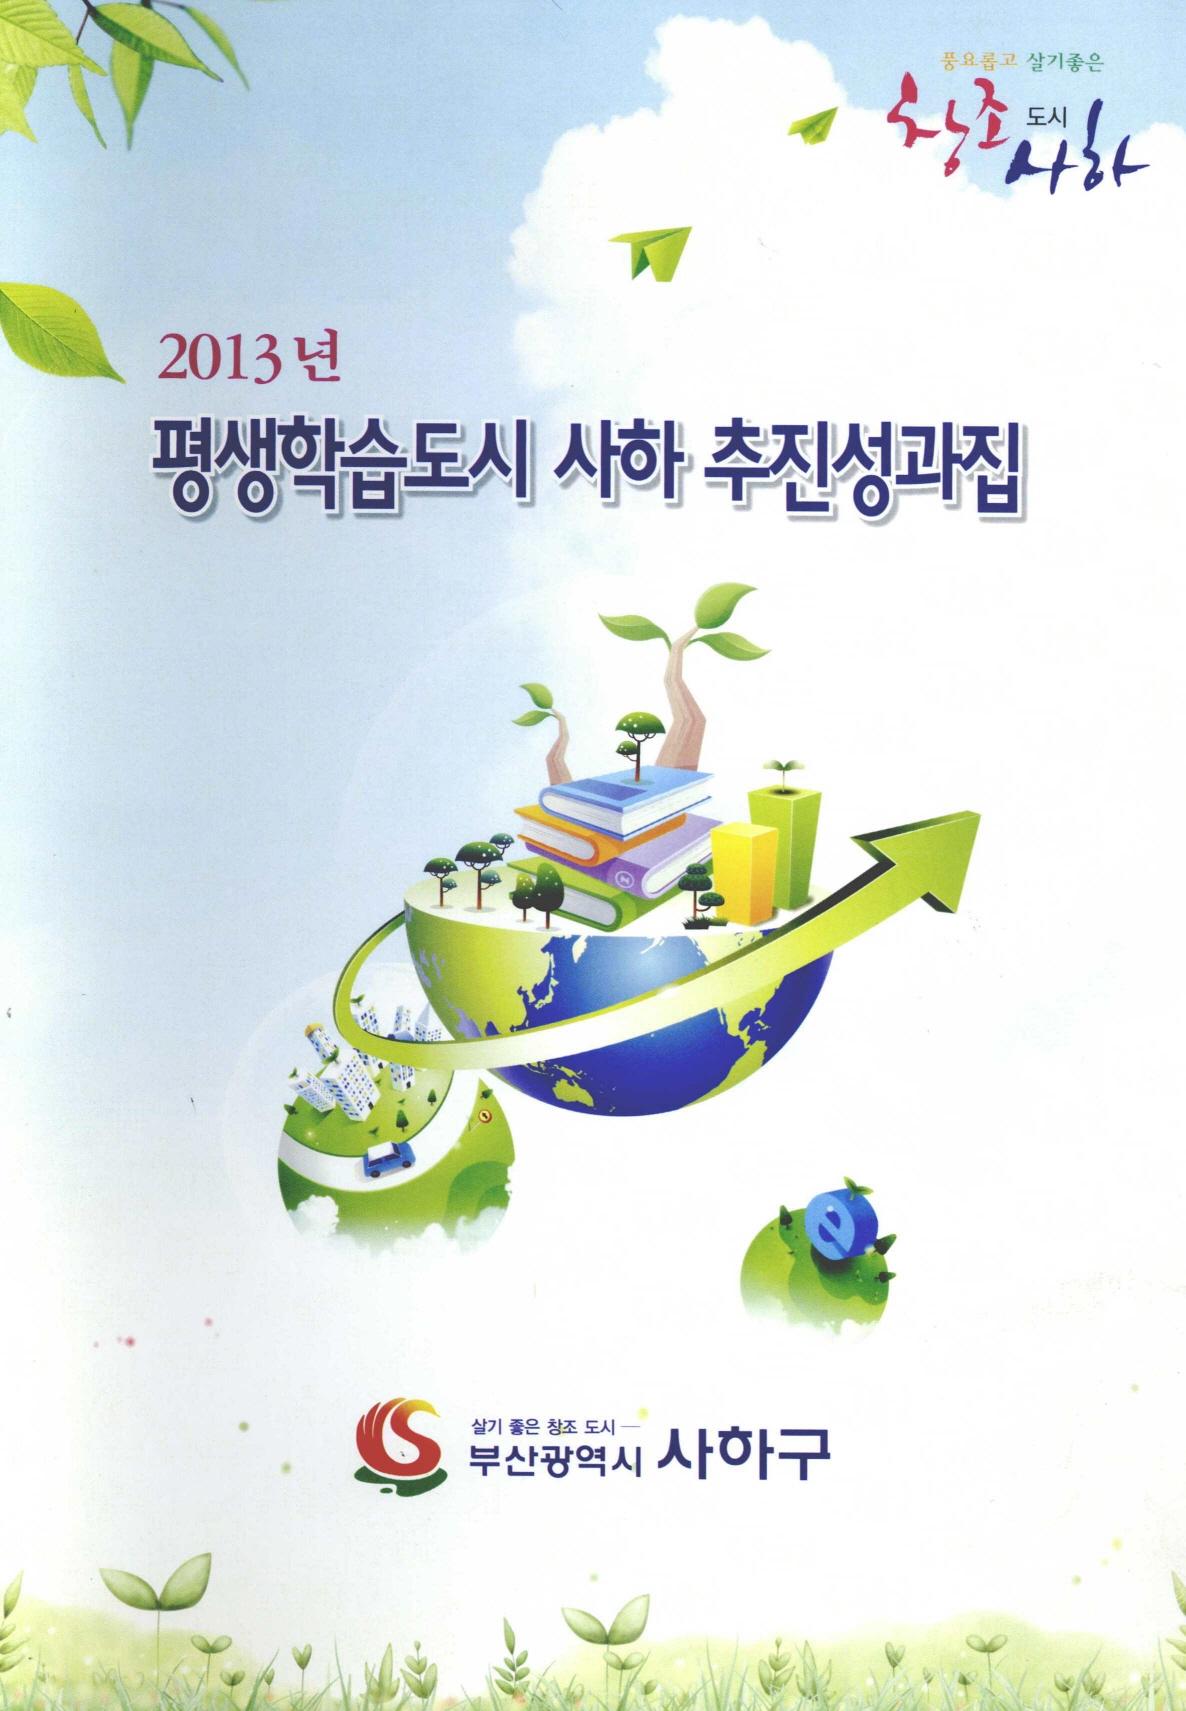 2013년 평생학습도시 사하 추진성과집